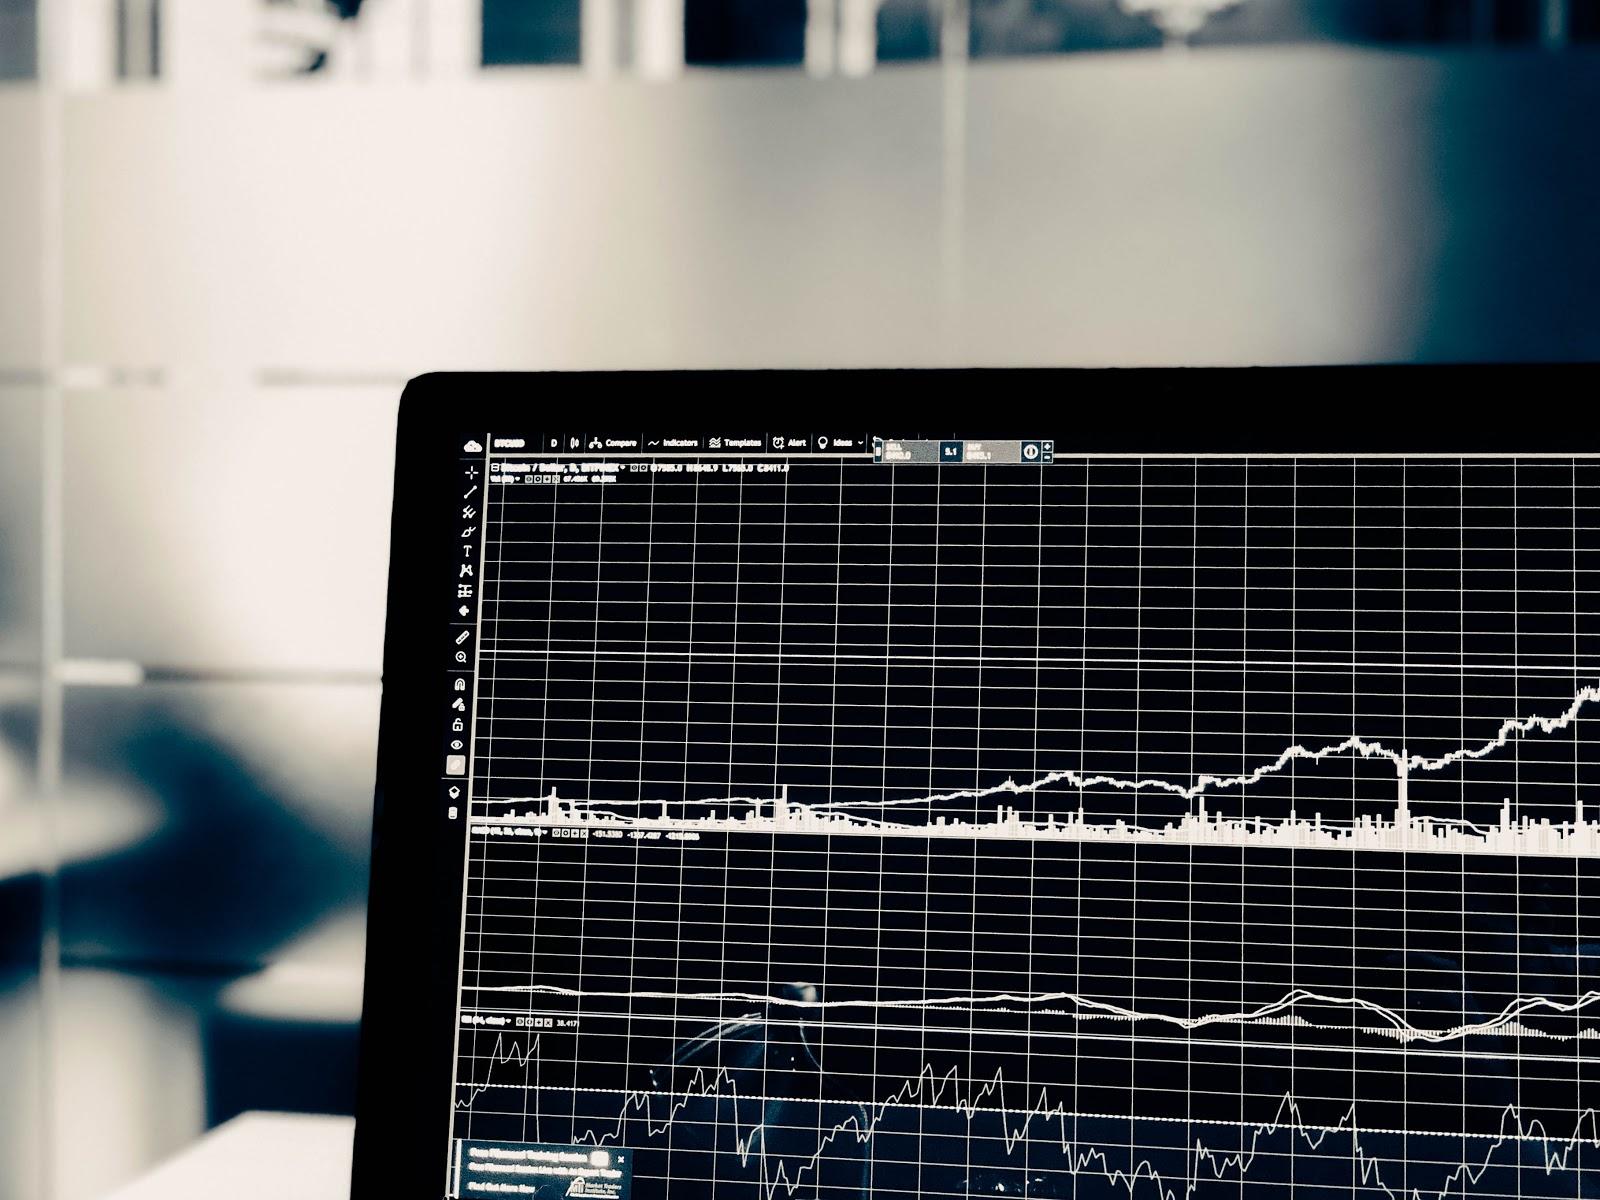 Tips Penting untuk Kamu yang Tertarik Memulai Karir di Data Science